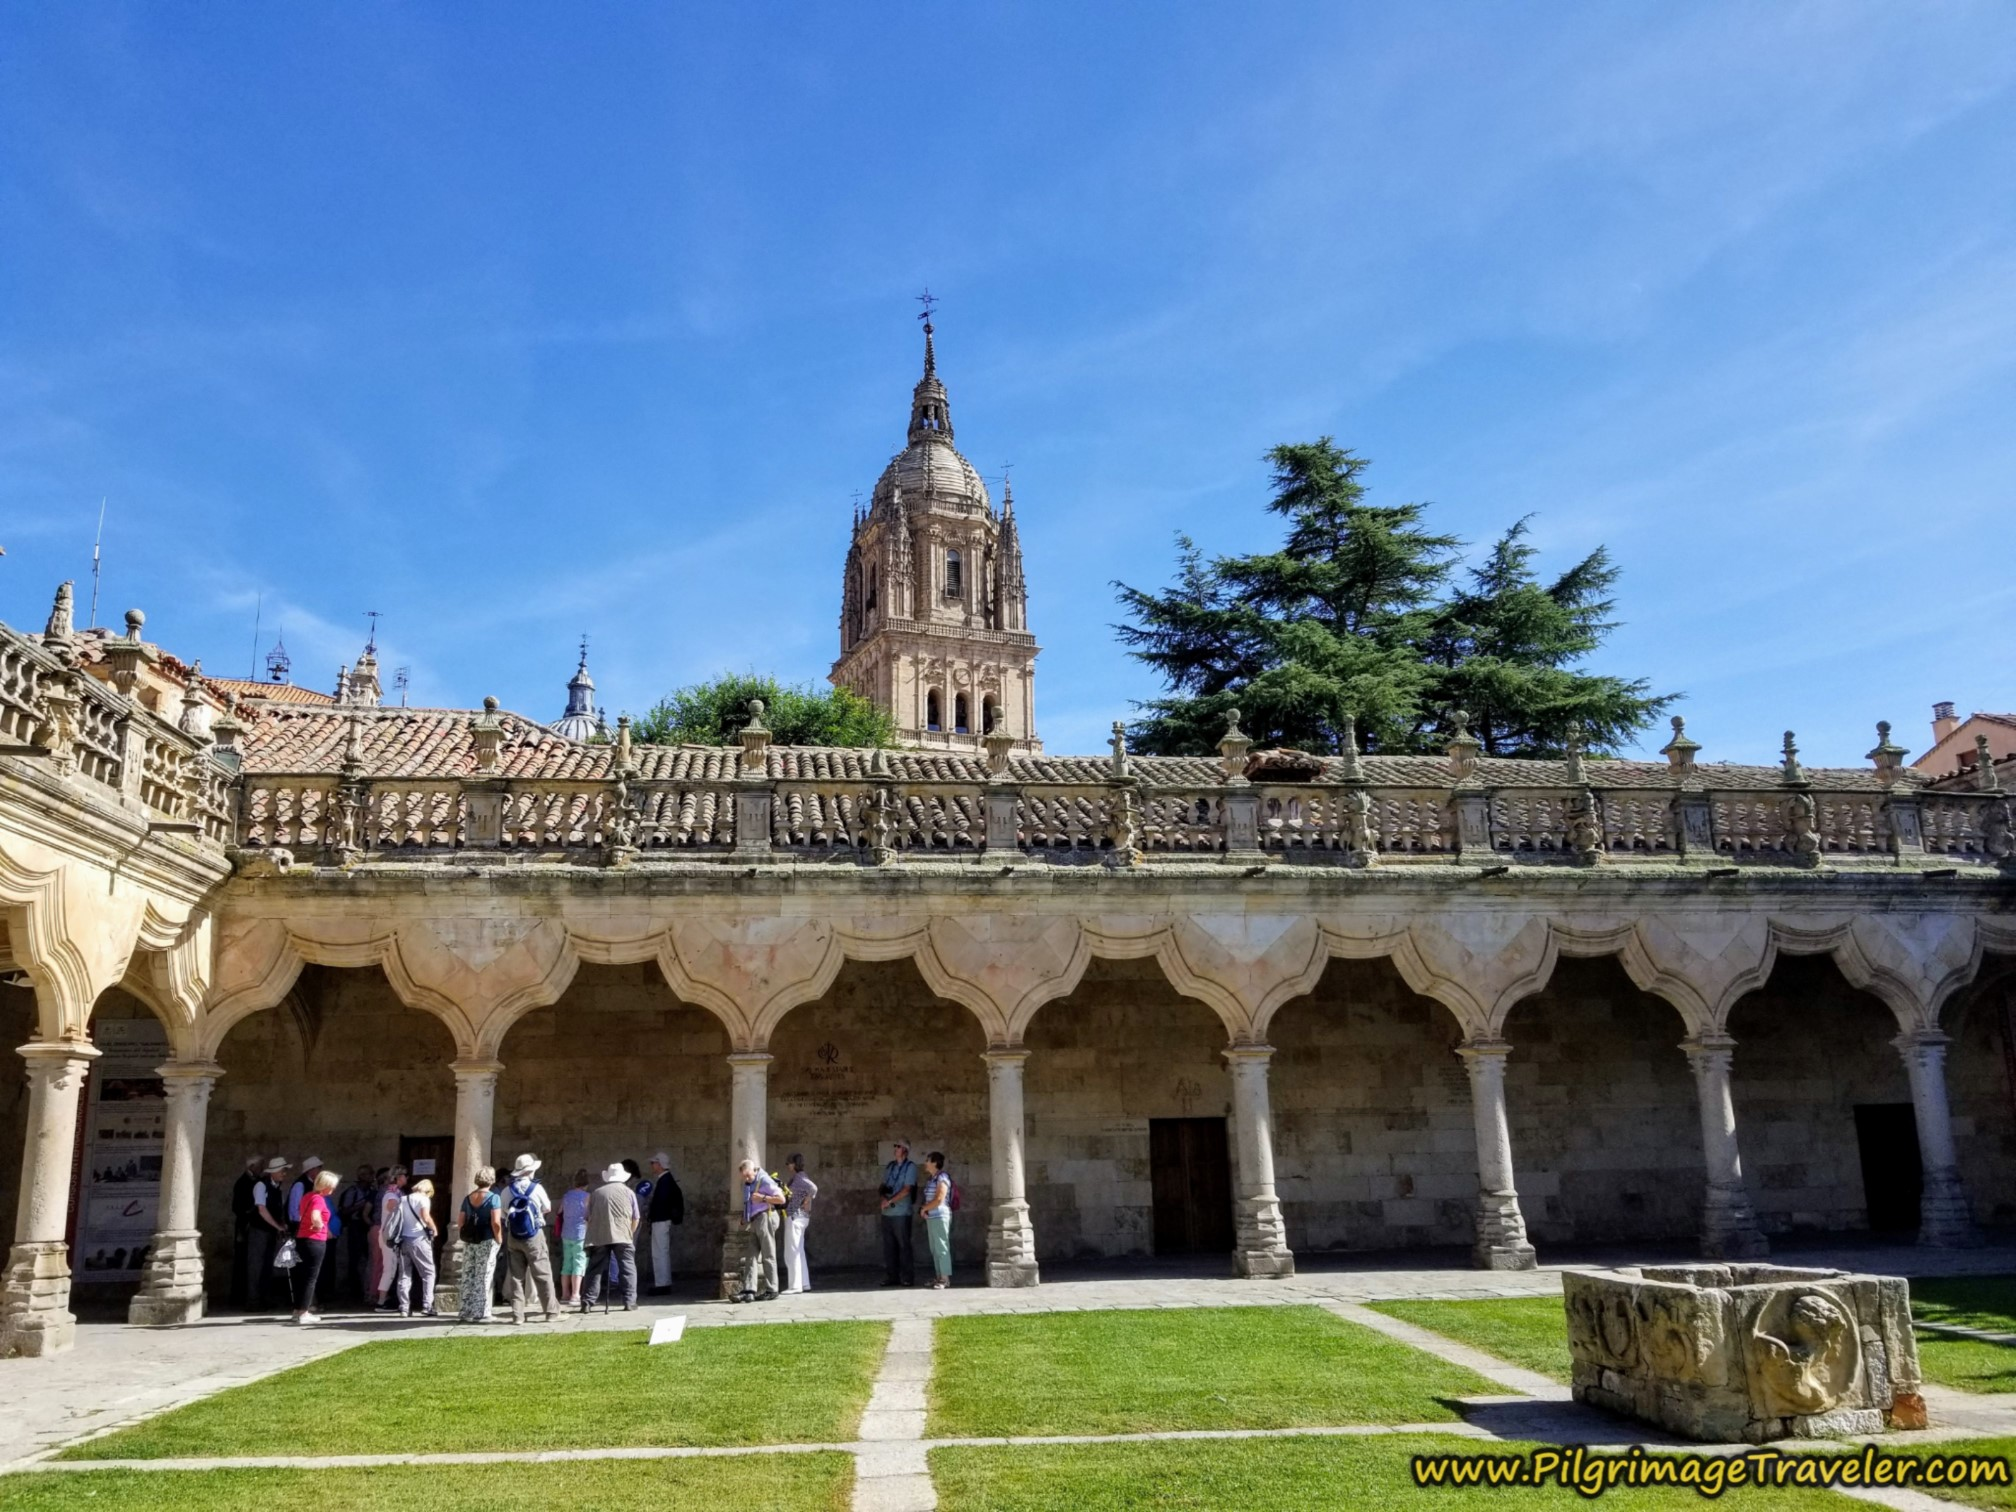 Courtyard, Escuela Menores de la Universidad de Salamanca